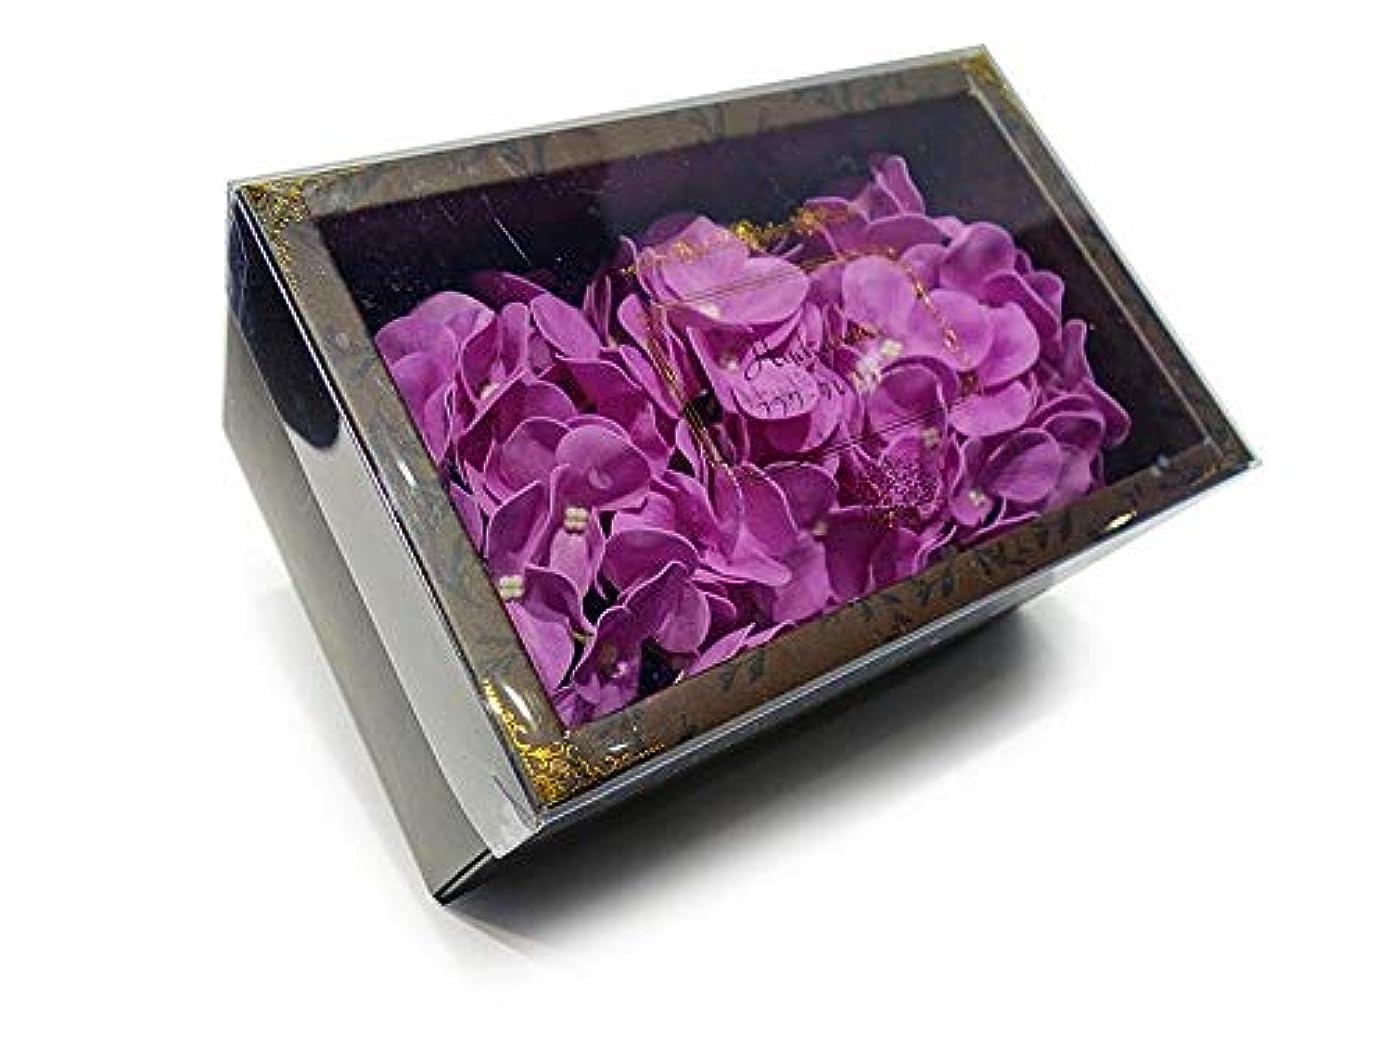 ハチ黒くするセクション花のカタチの入浴剤 アジサイ バスフレグランス フラワーフレグランス バスフラワー (パープル)